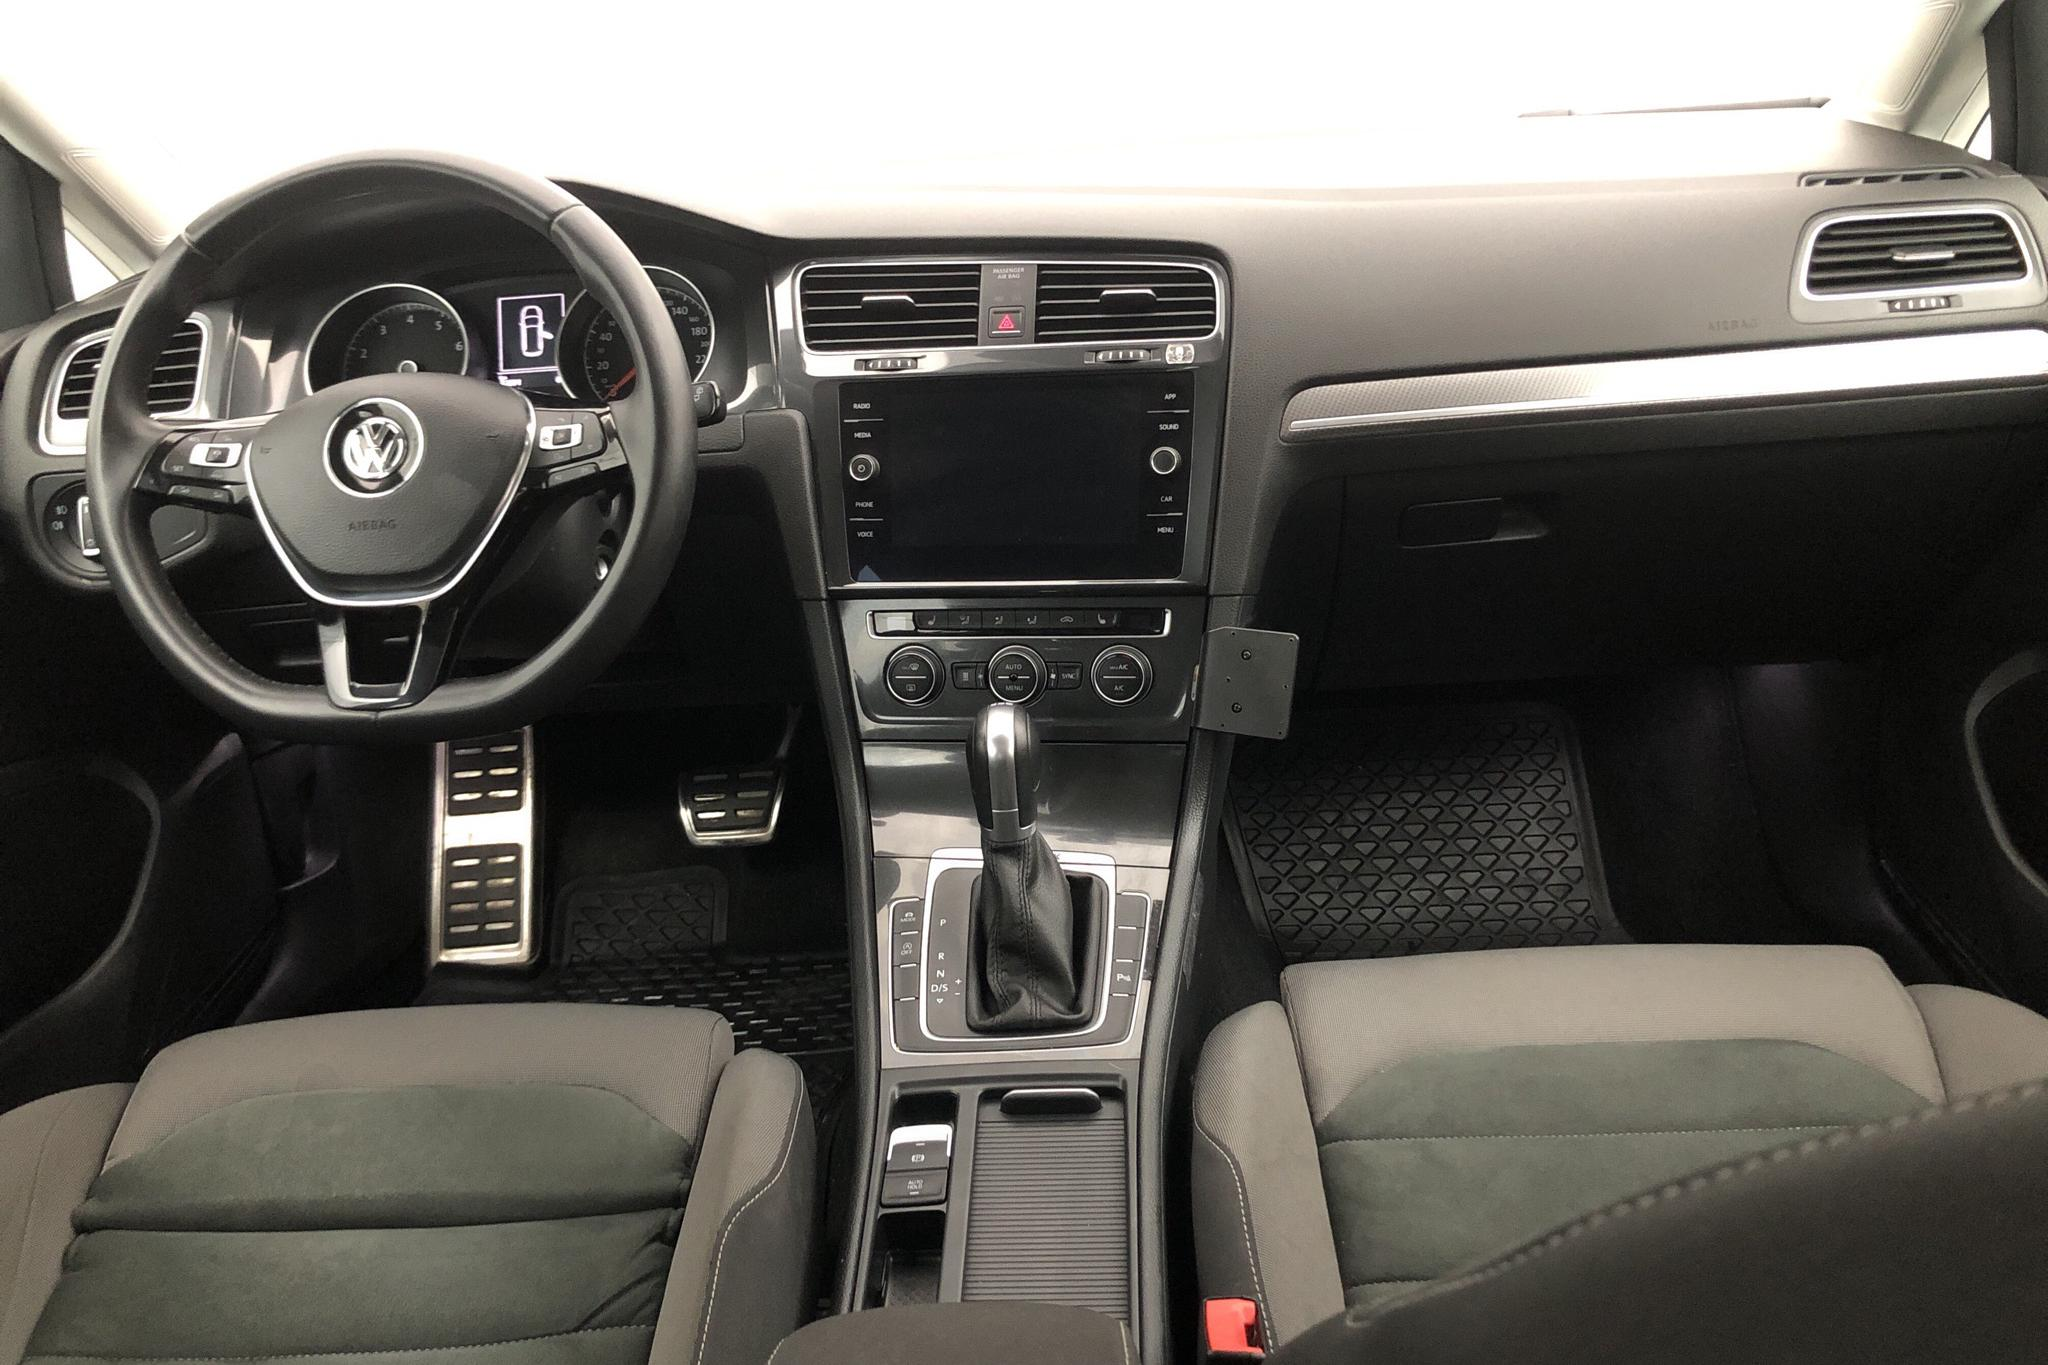 VW Golf Alltrack 1.8 TSI Sportscombi 4Motion (180hk) - 32 880 km - Automatic - white - 2018